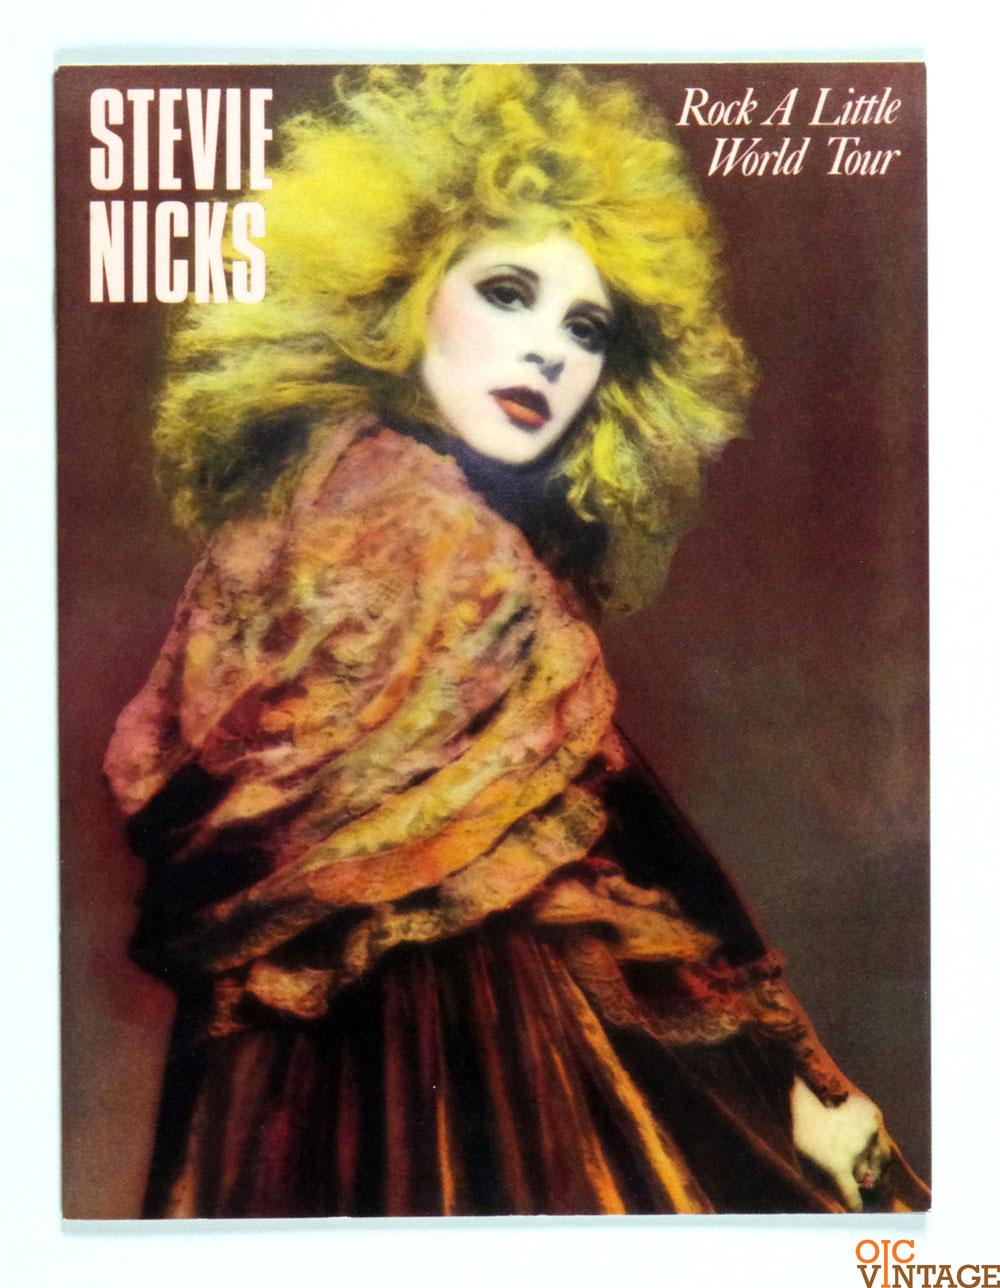 Stevie Nicks 1986 Rock A Little World Tour Program Book